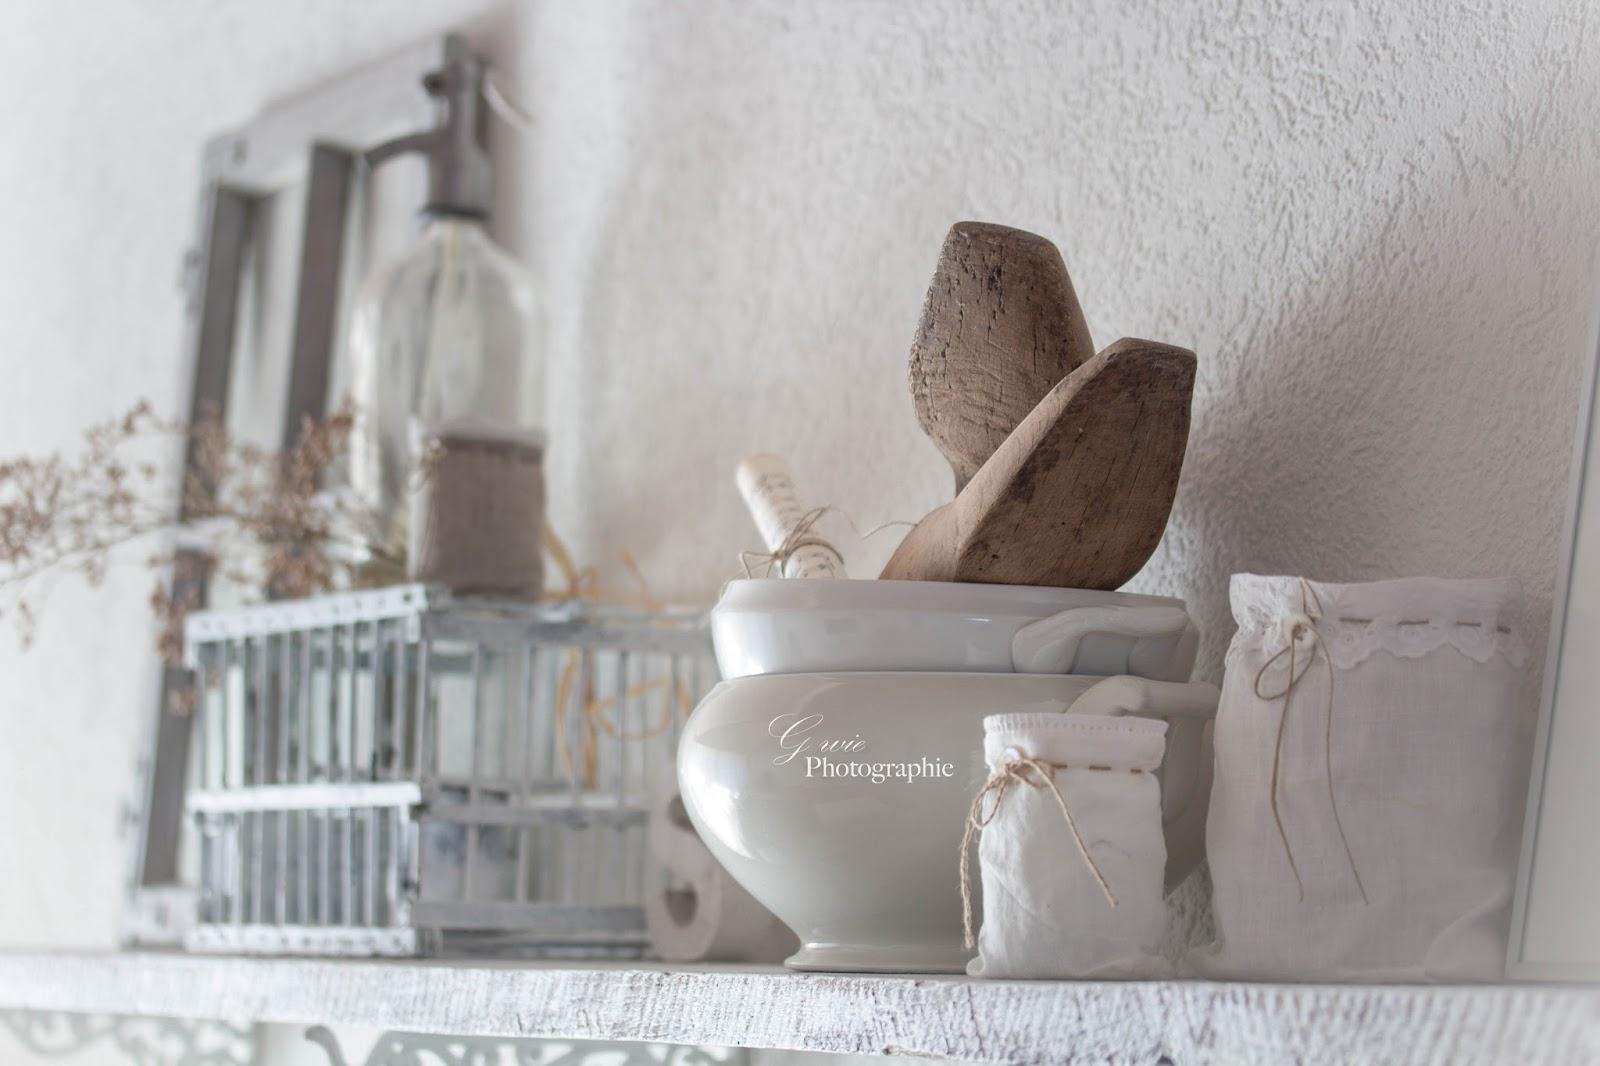 G wie dekoration im januar im vintage stil beitrag for Deko im januar